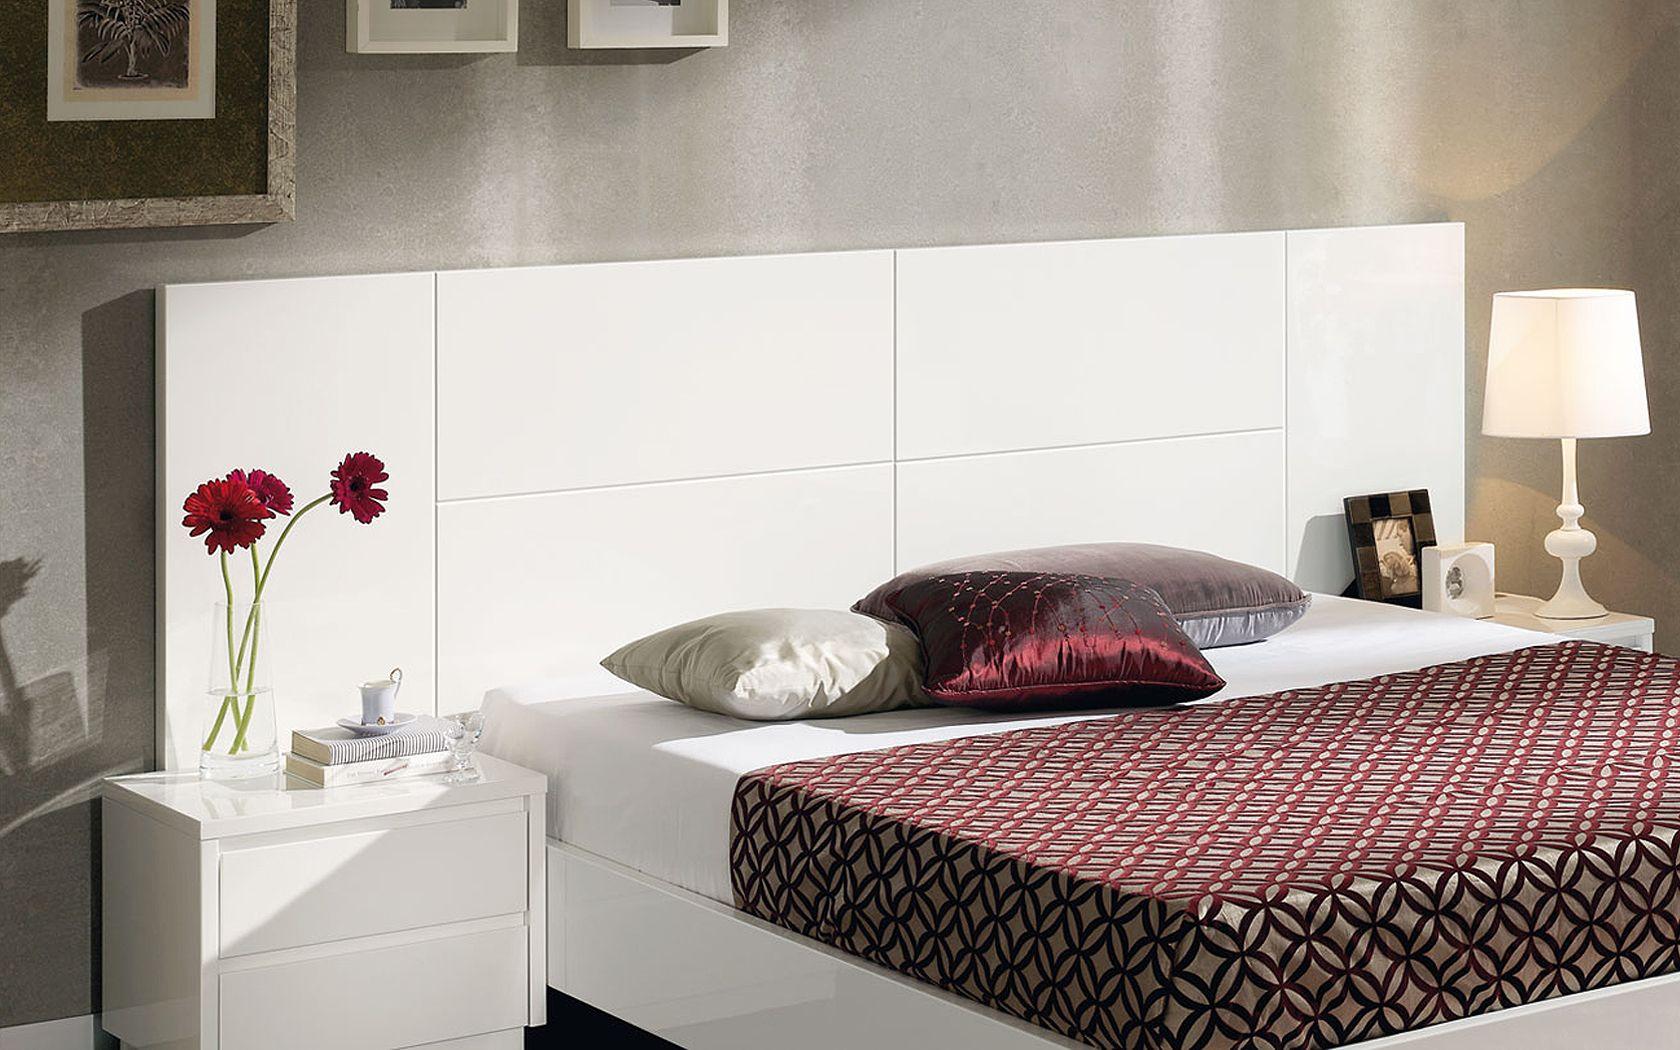 Cabeceros de cama de matrimonio moderno blanco logela - Cabeceros de cama blancos ...